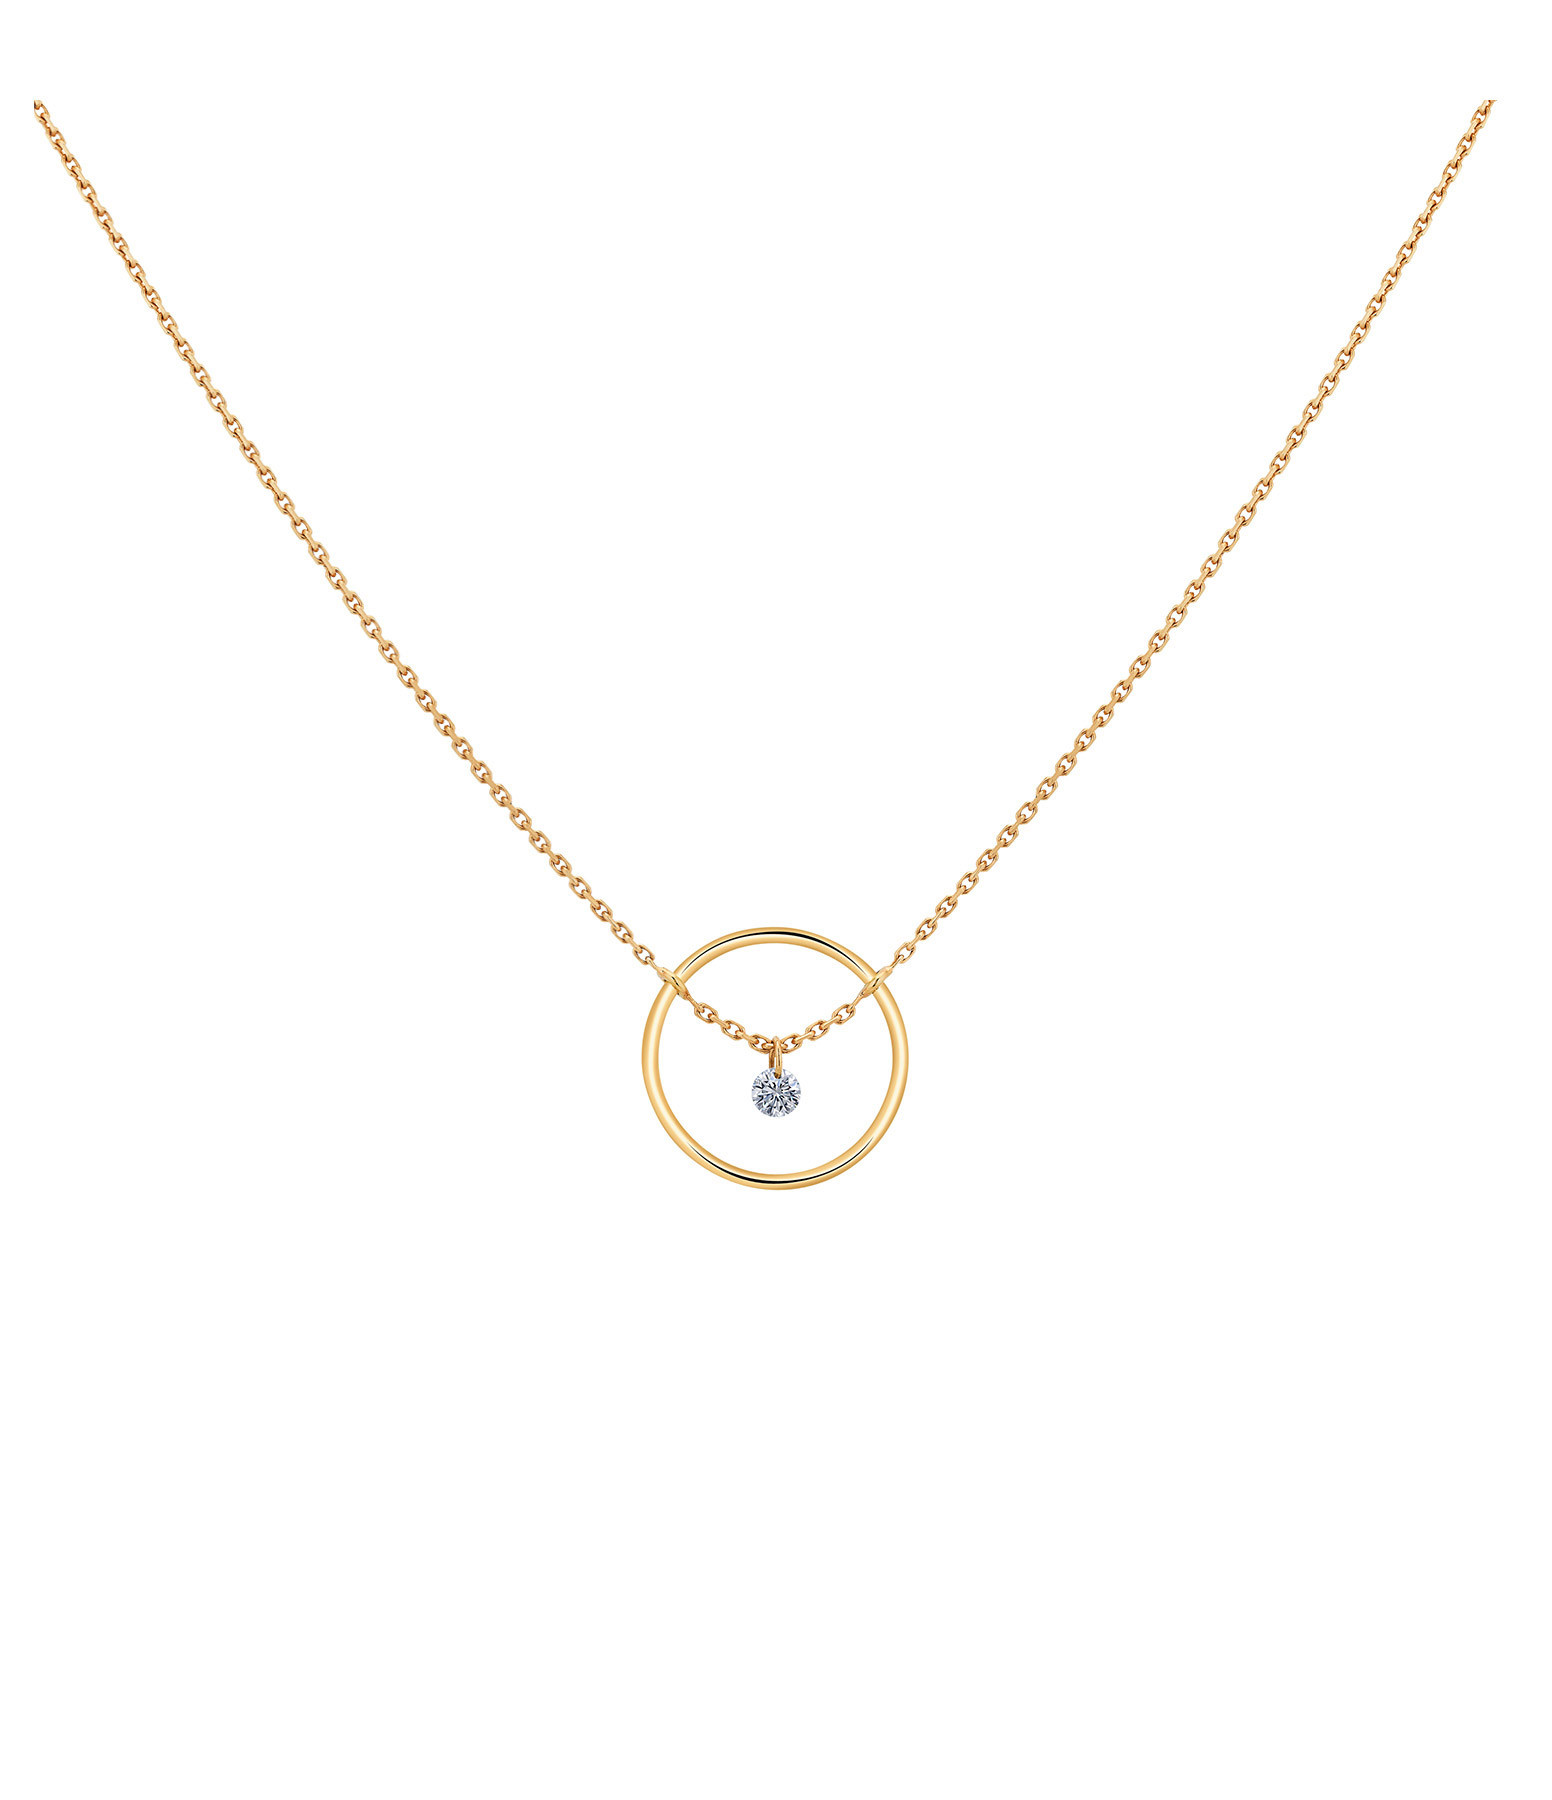 LA BRUNE & LA BLONDE - Collier Excentrique Diamant Brillant Or Jaune